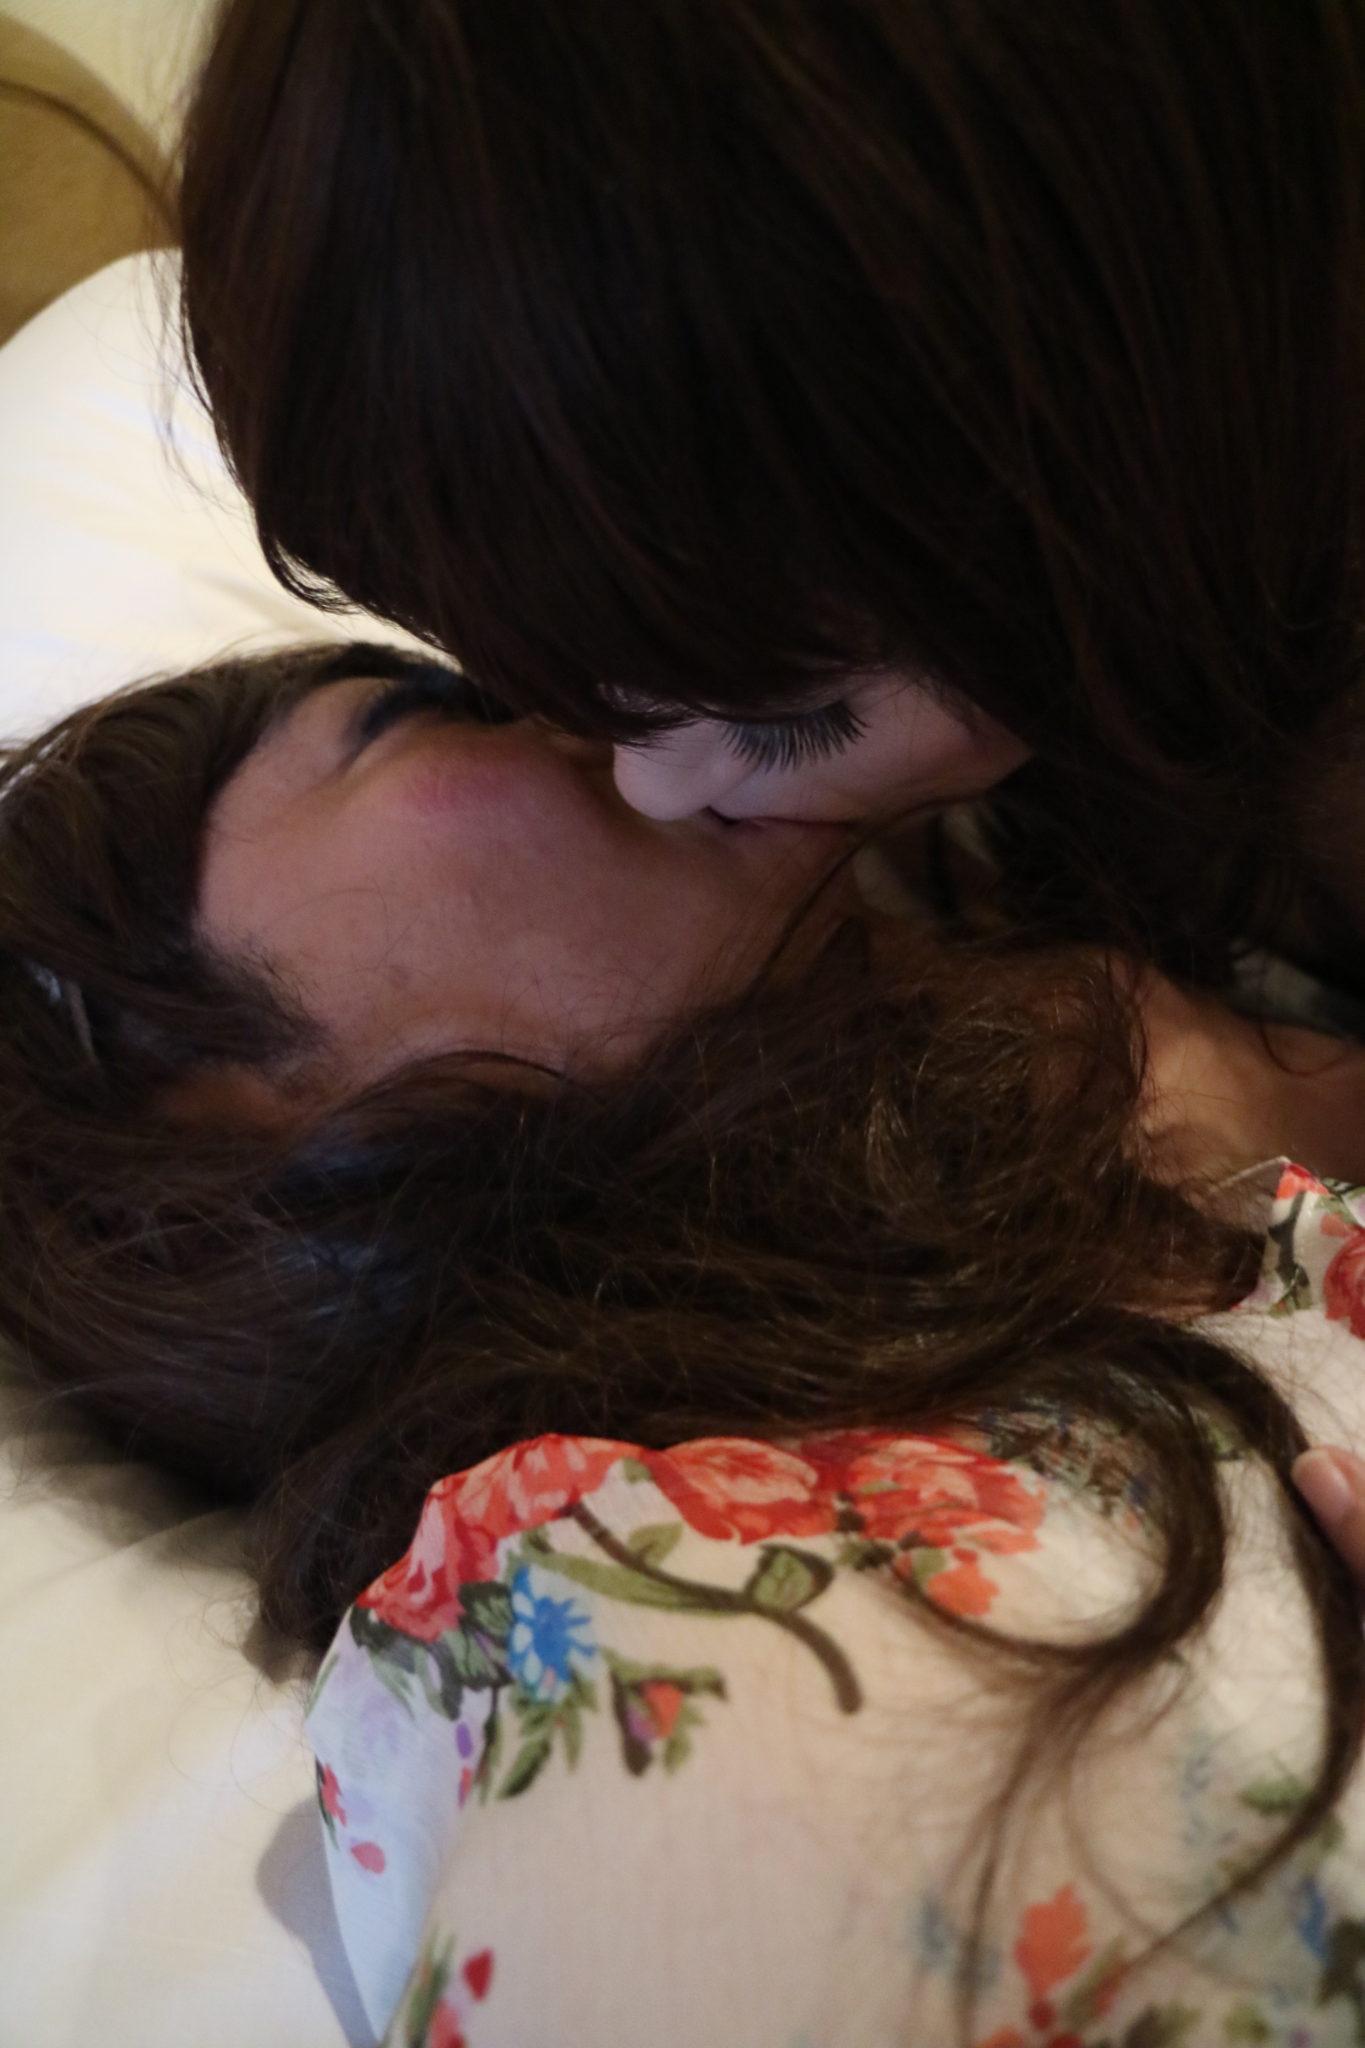 優しく抱いて💖いちゃいちゃレズ💕女装3Pコース〜フェミニン系OL女装 satomiちゃん編